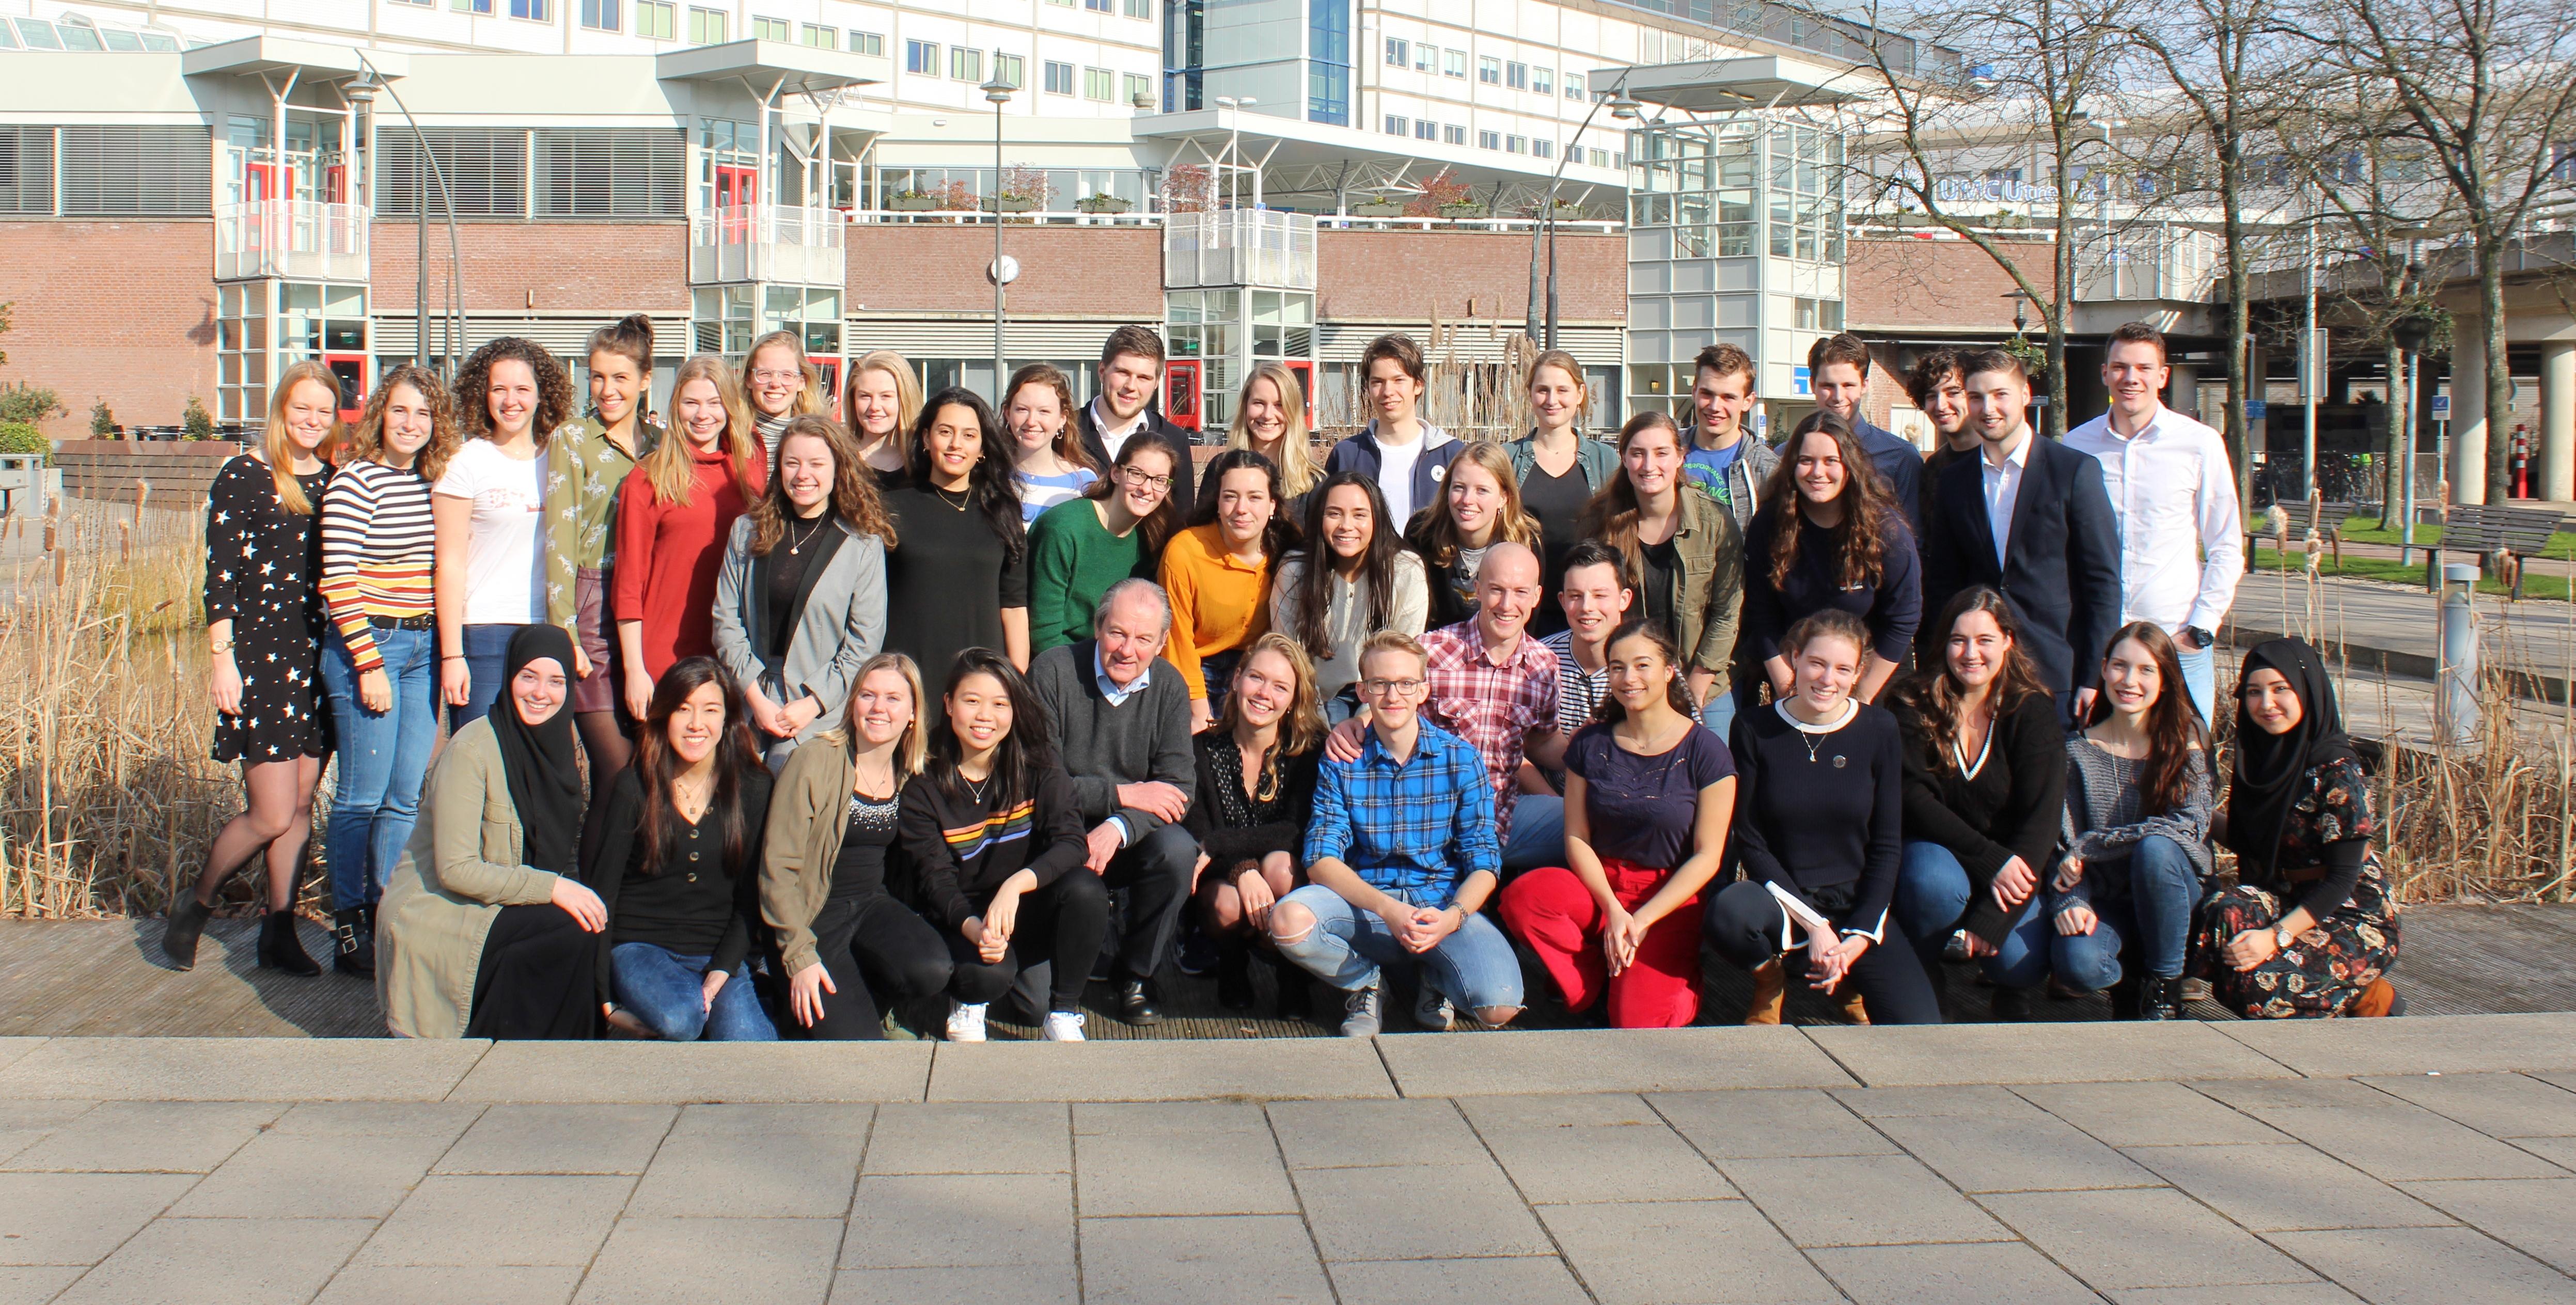 de bestuursleden van alle lokale organisaties van Taskforce QRS poseren samen voor de vijver bij het UMC Utrecht